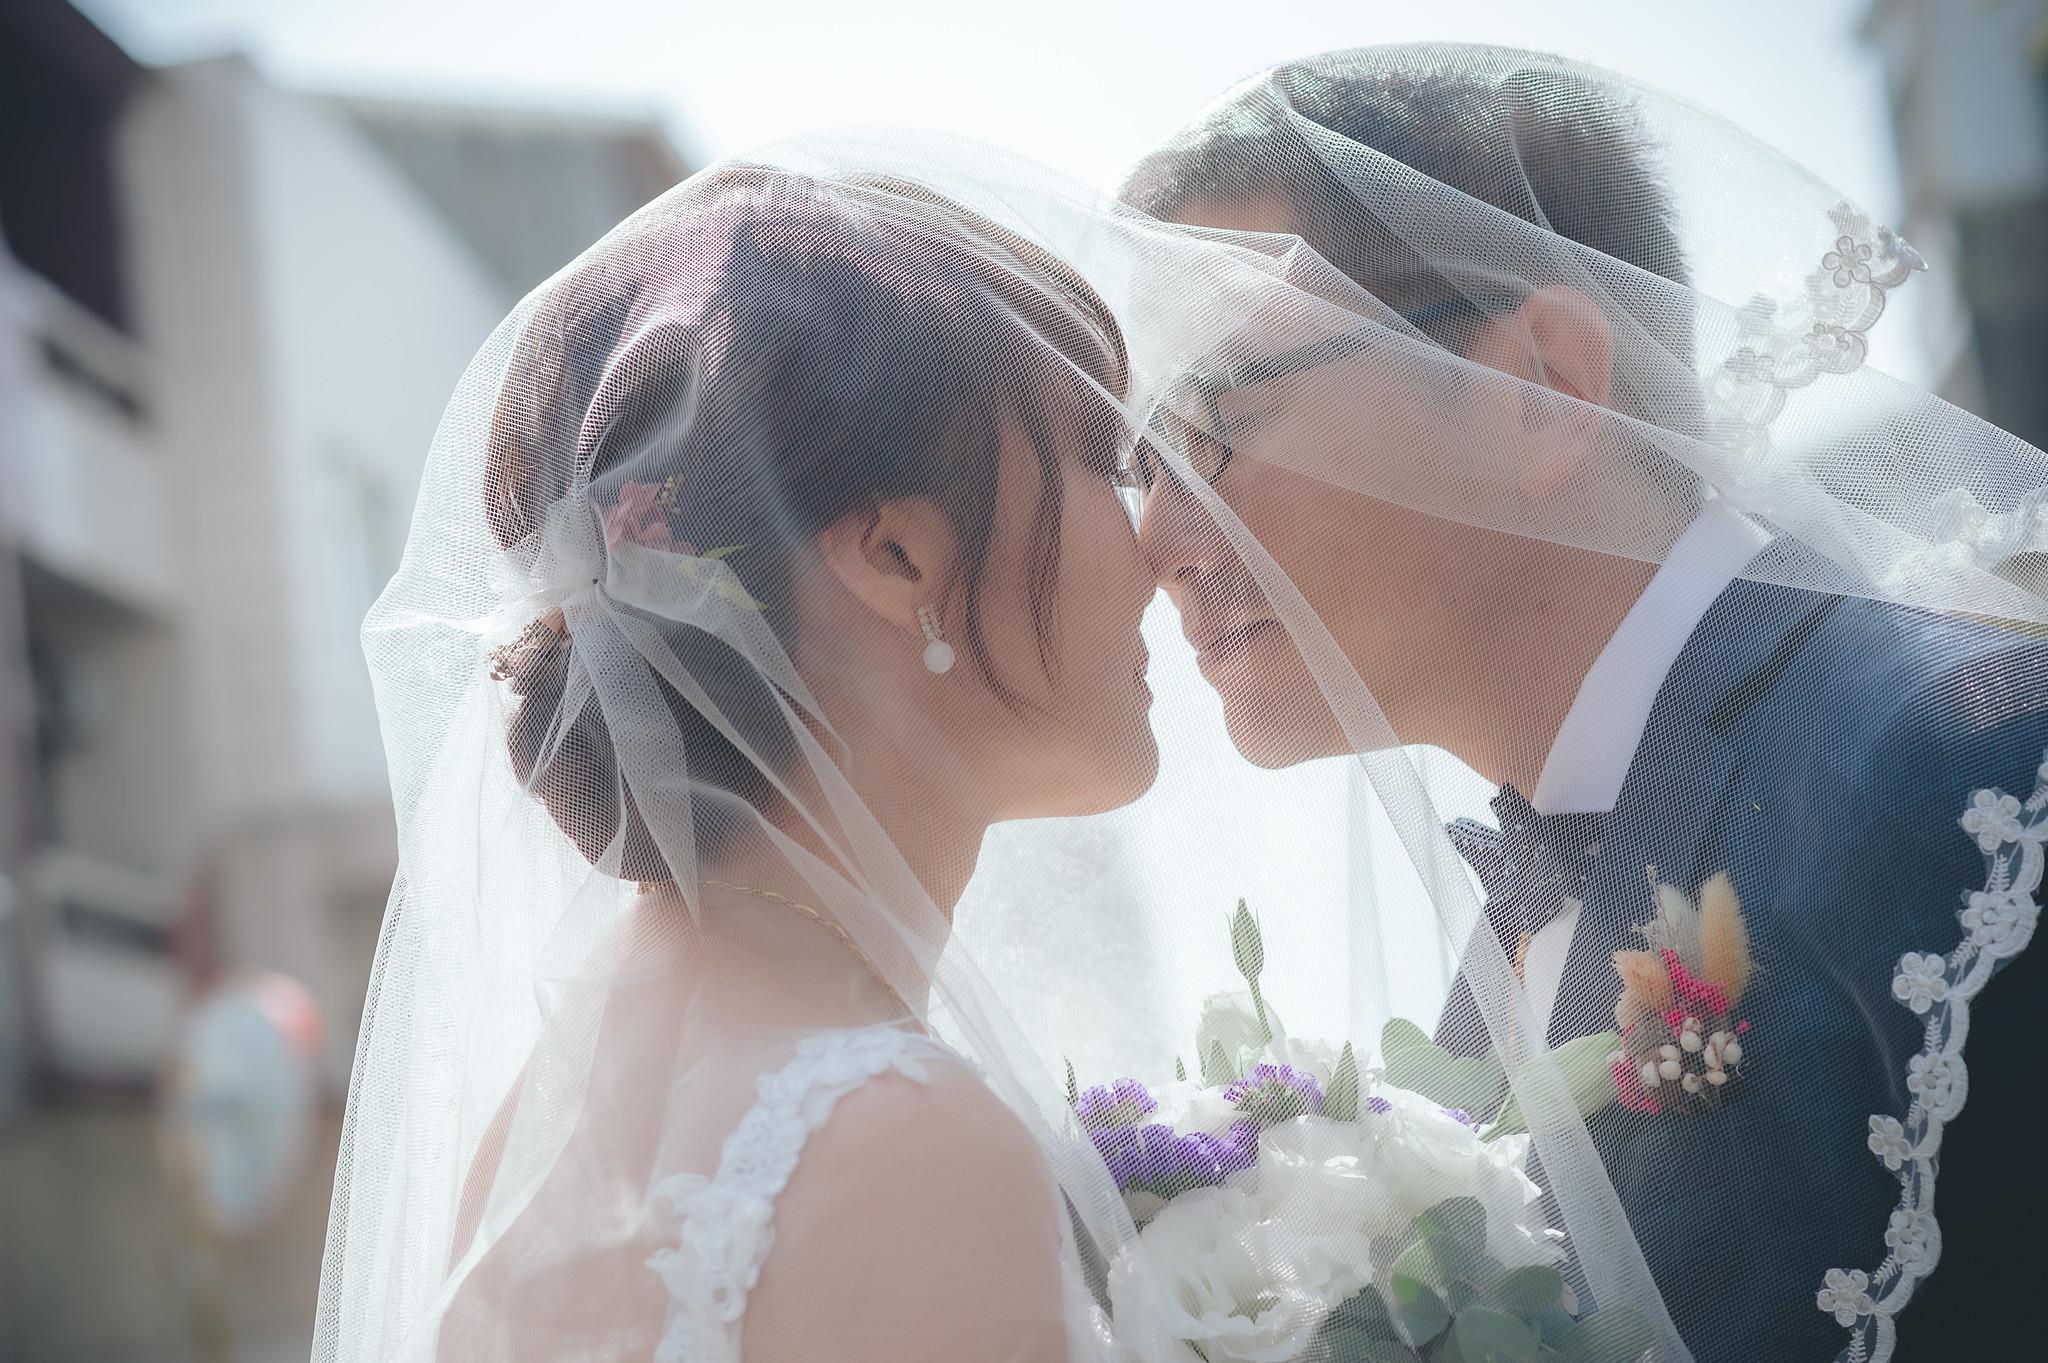 台南煙波大飯店婚禮攝影推薦阿宏_075